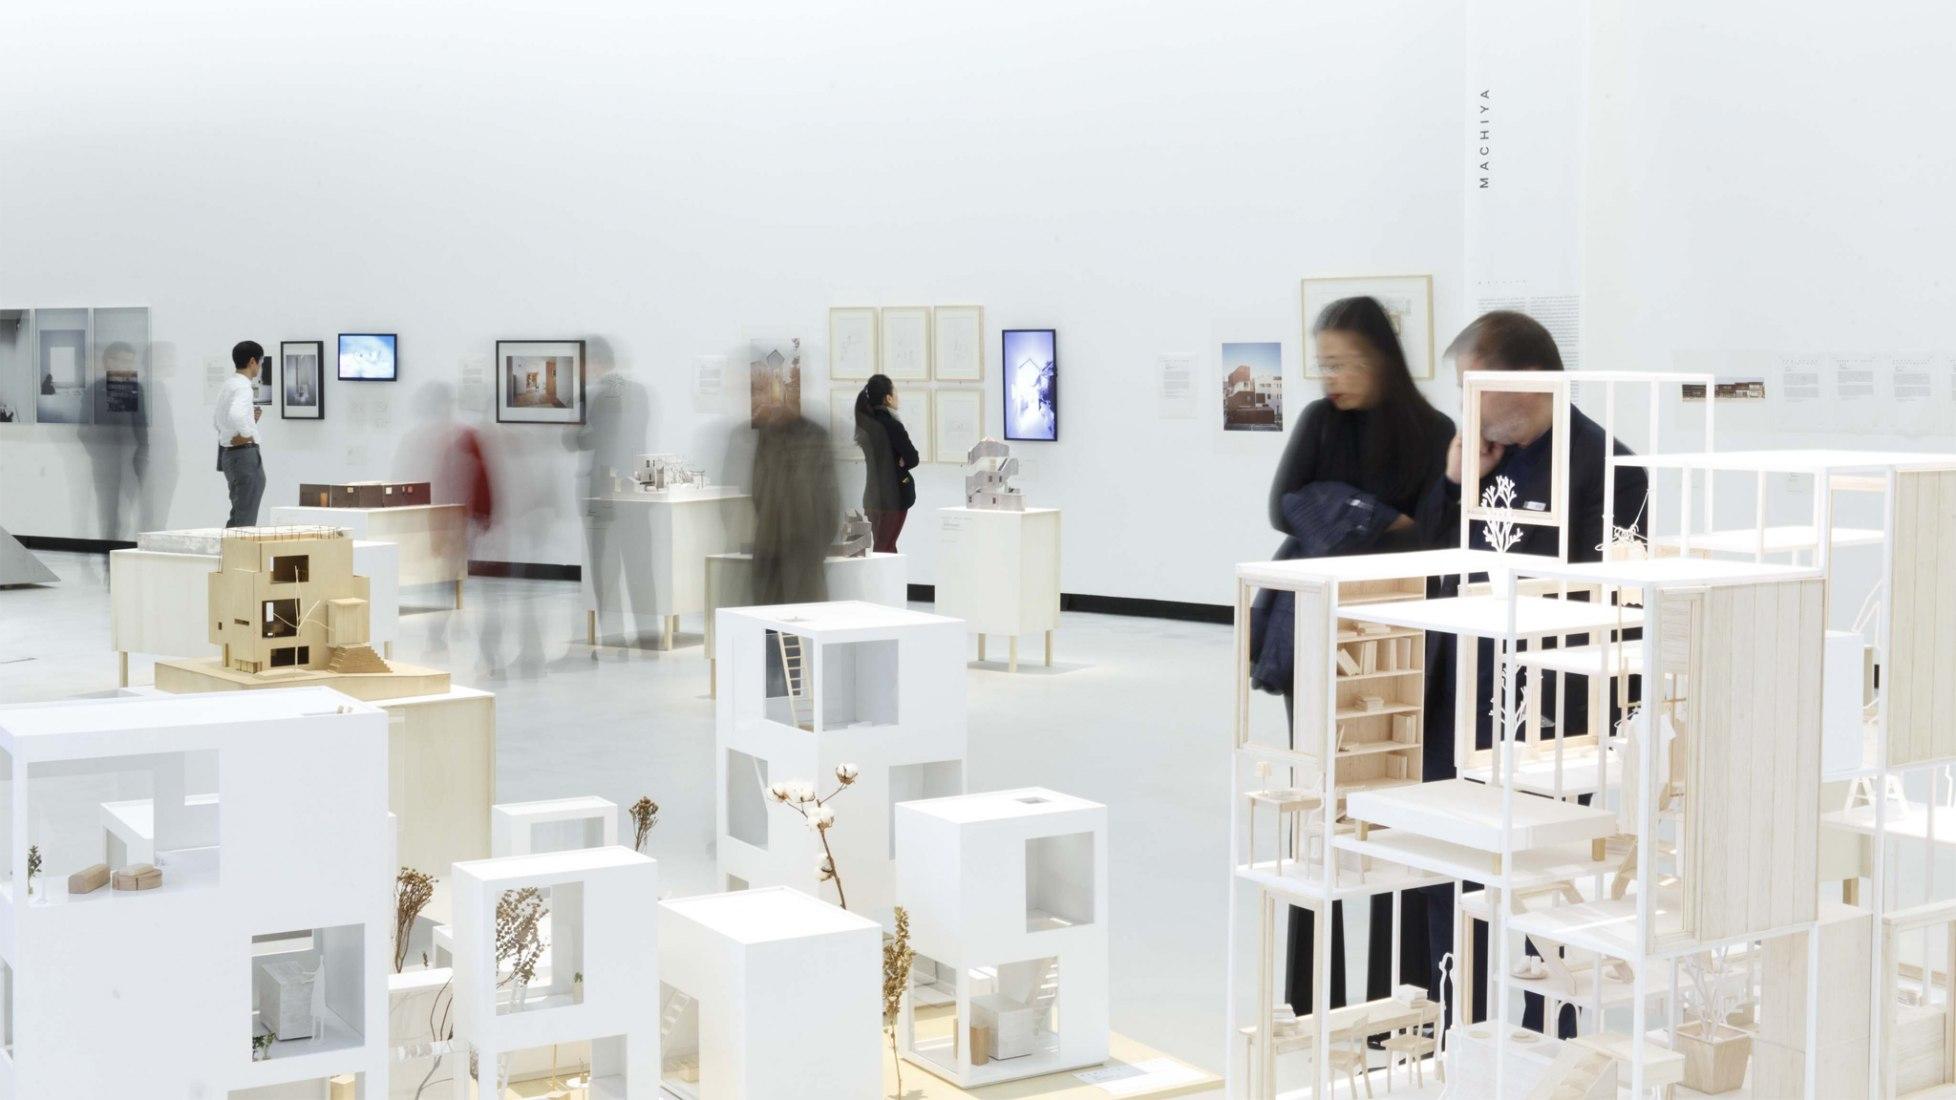 Muestra de la exposición: La casa japonesa: Arquitectura y vida después de 1945. Fotografía © Musacchio & Ianniello